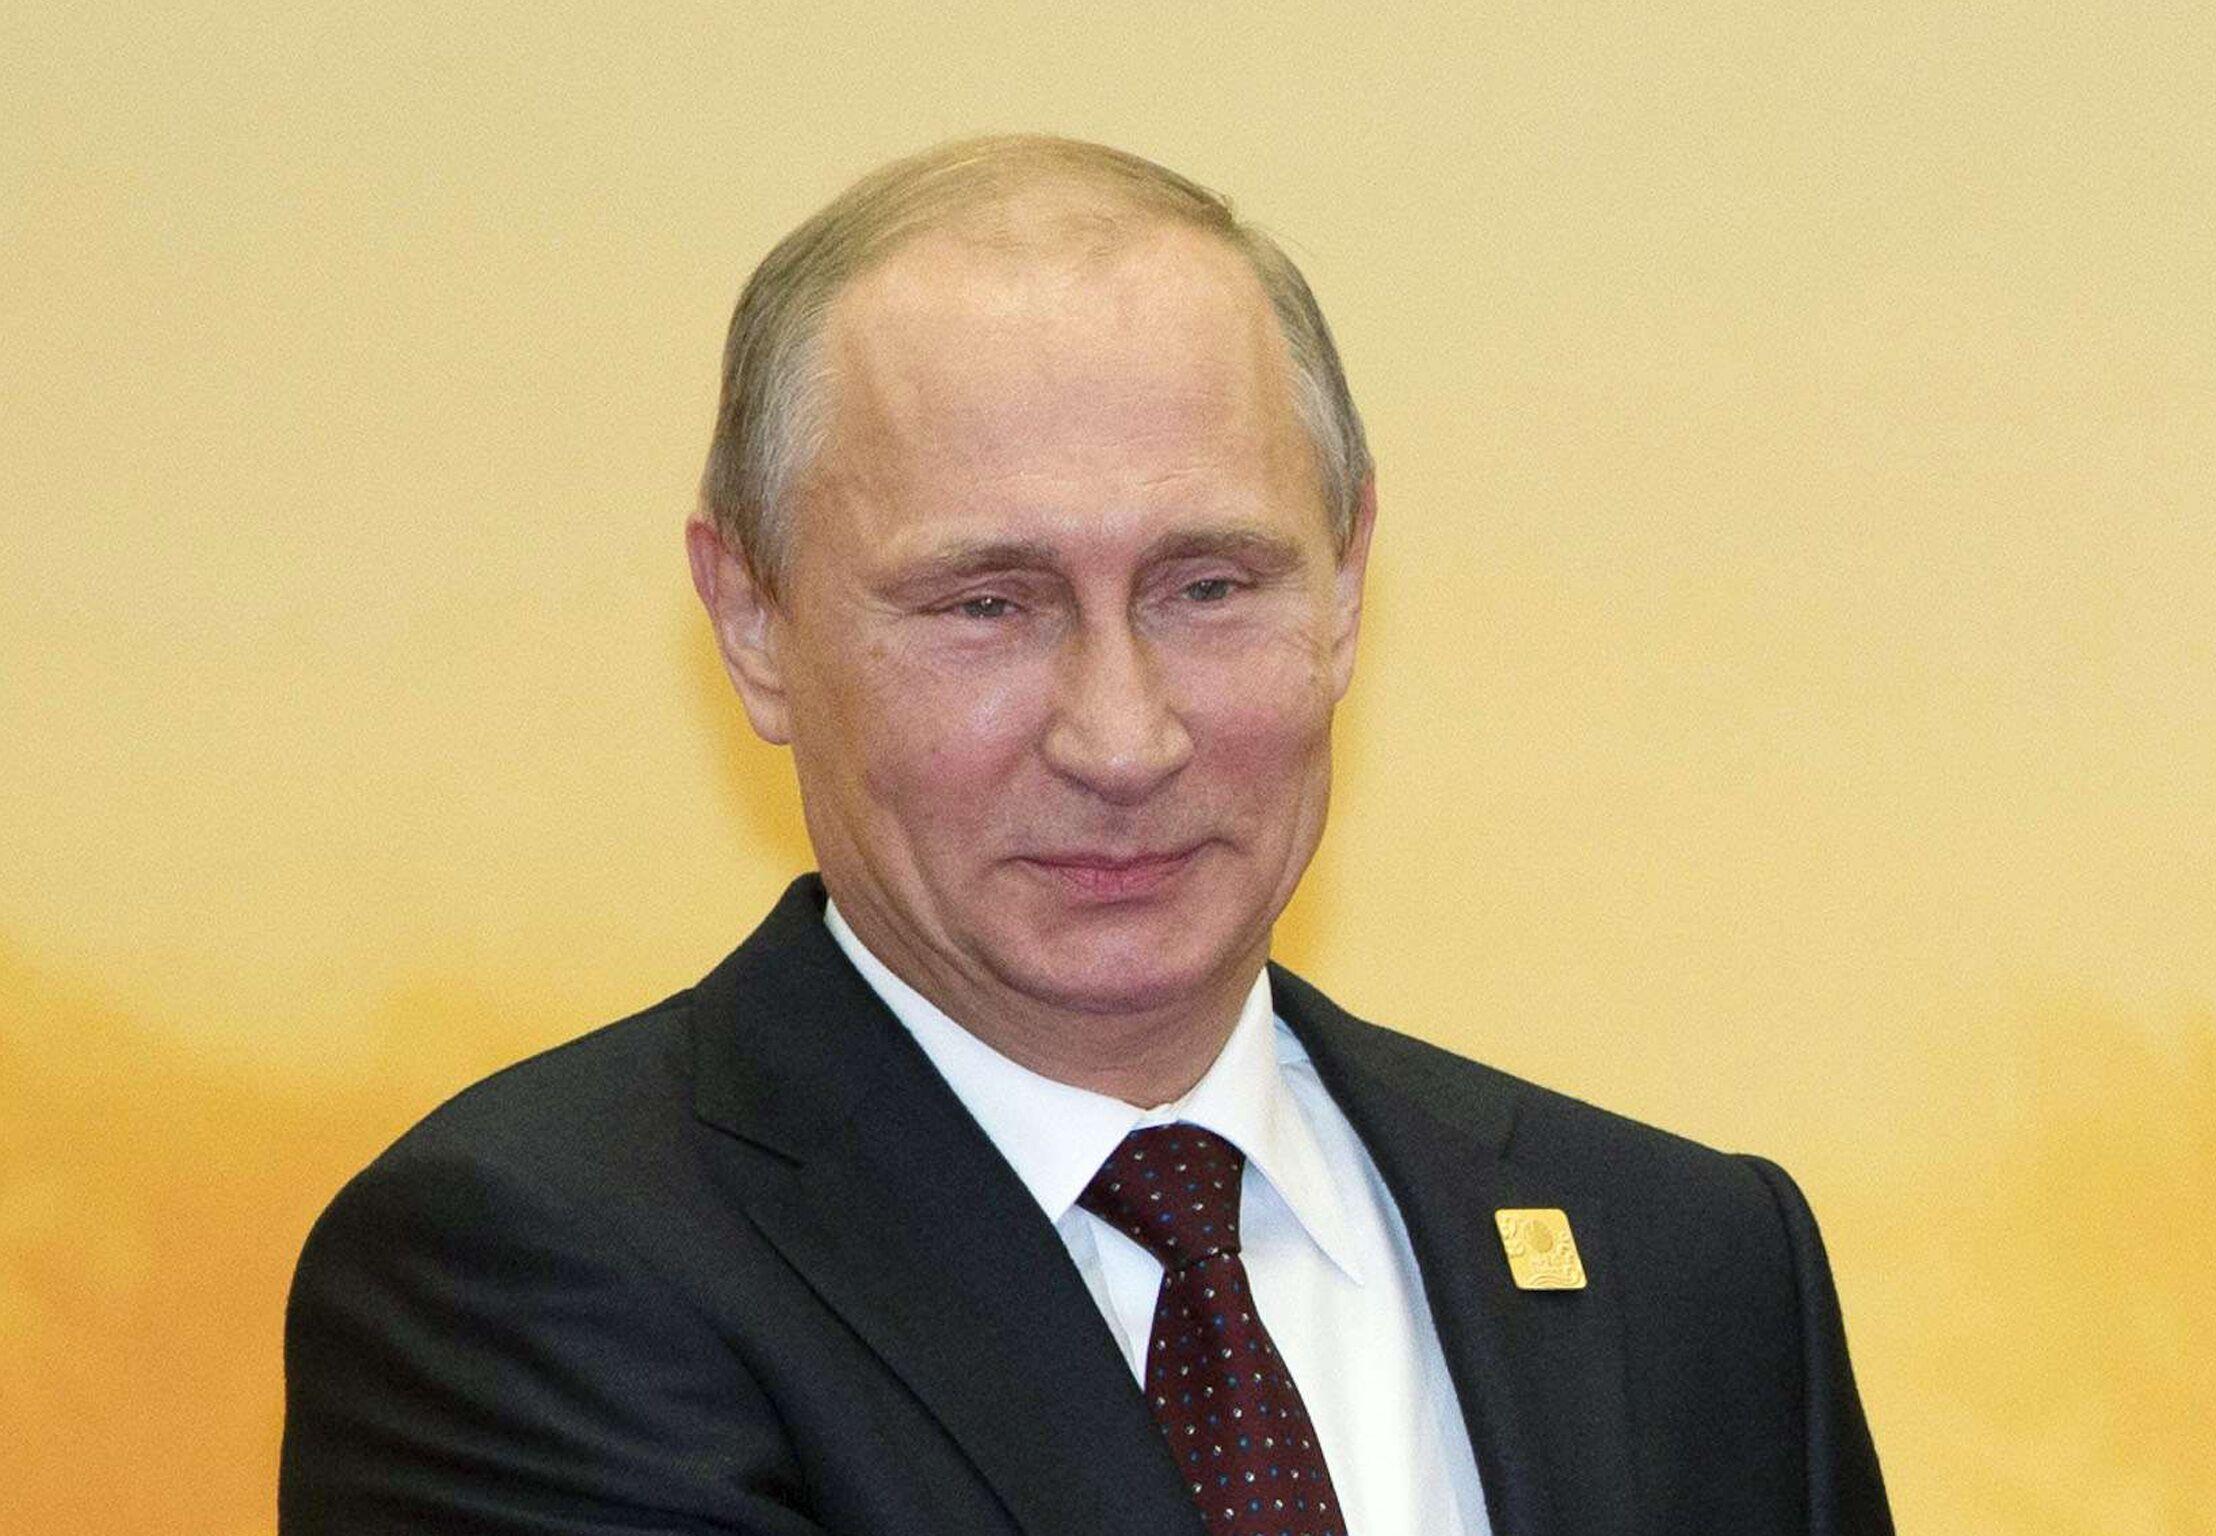 Poutine Dating profil célébrité ressemblent à des rencontres spectacle